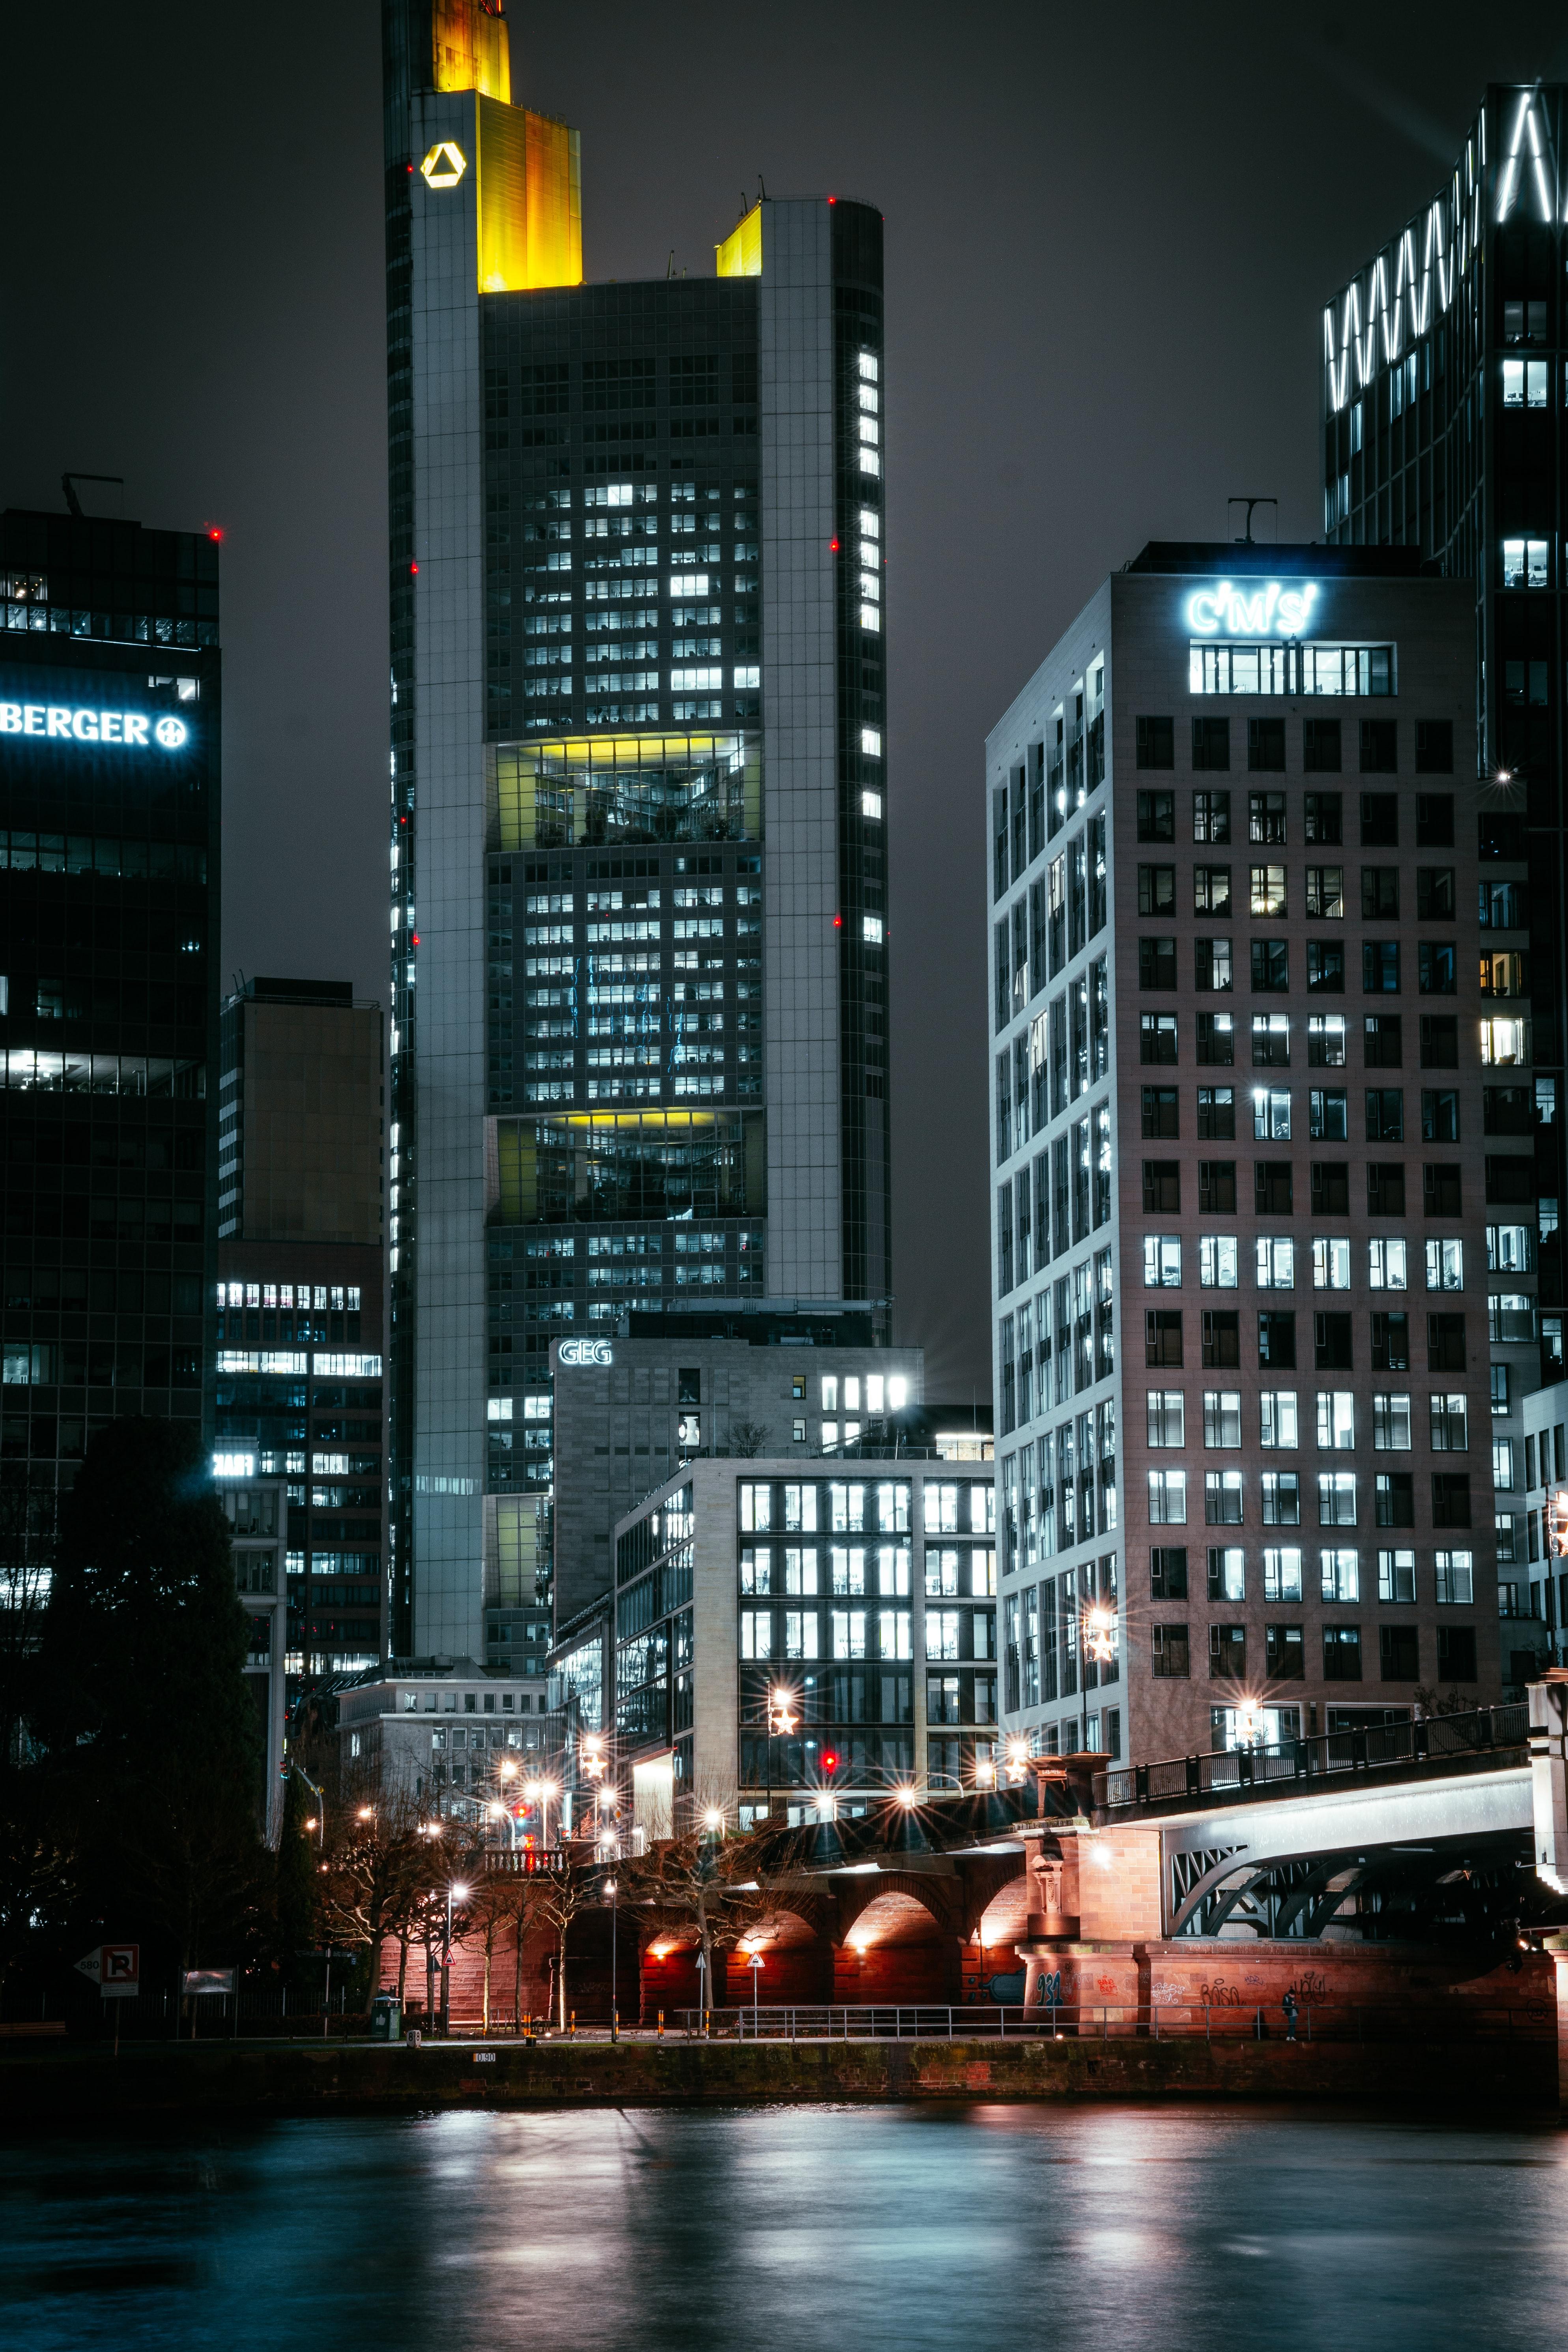 151758 скачать обои Город, Здания, Ночь, Огни, Архитектура, Города - заставки и картинки бесплатно